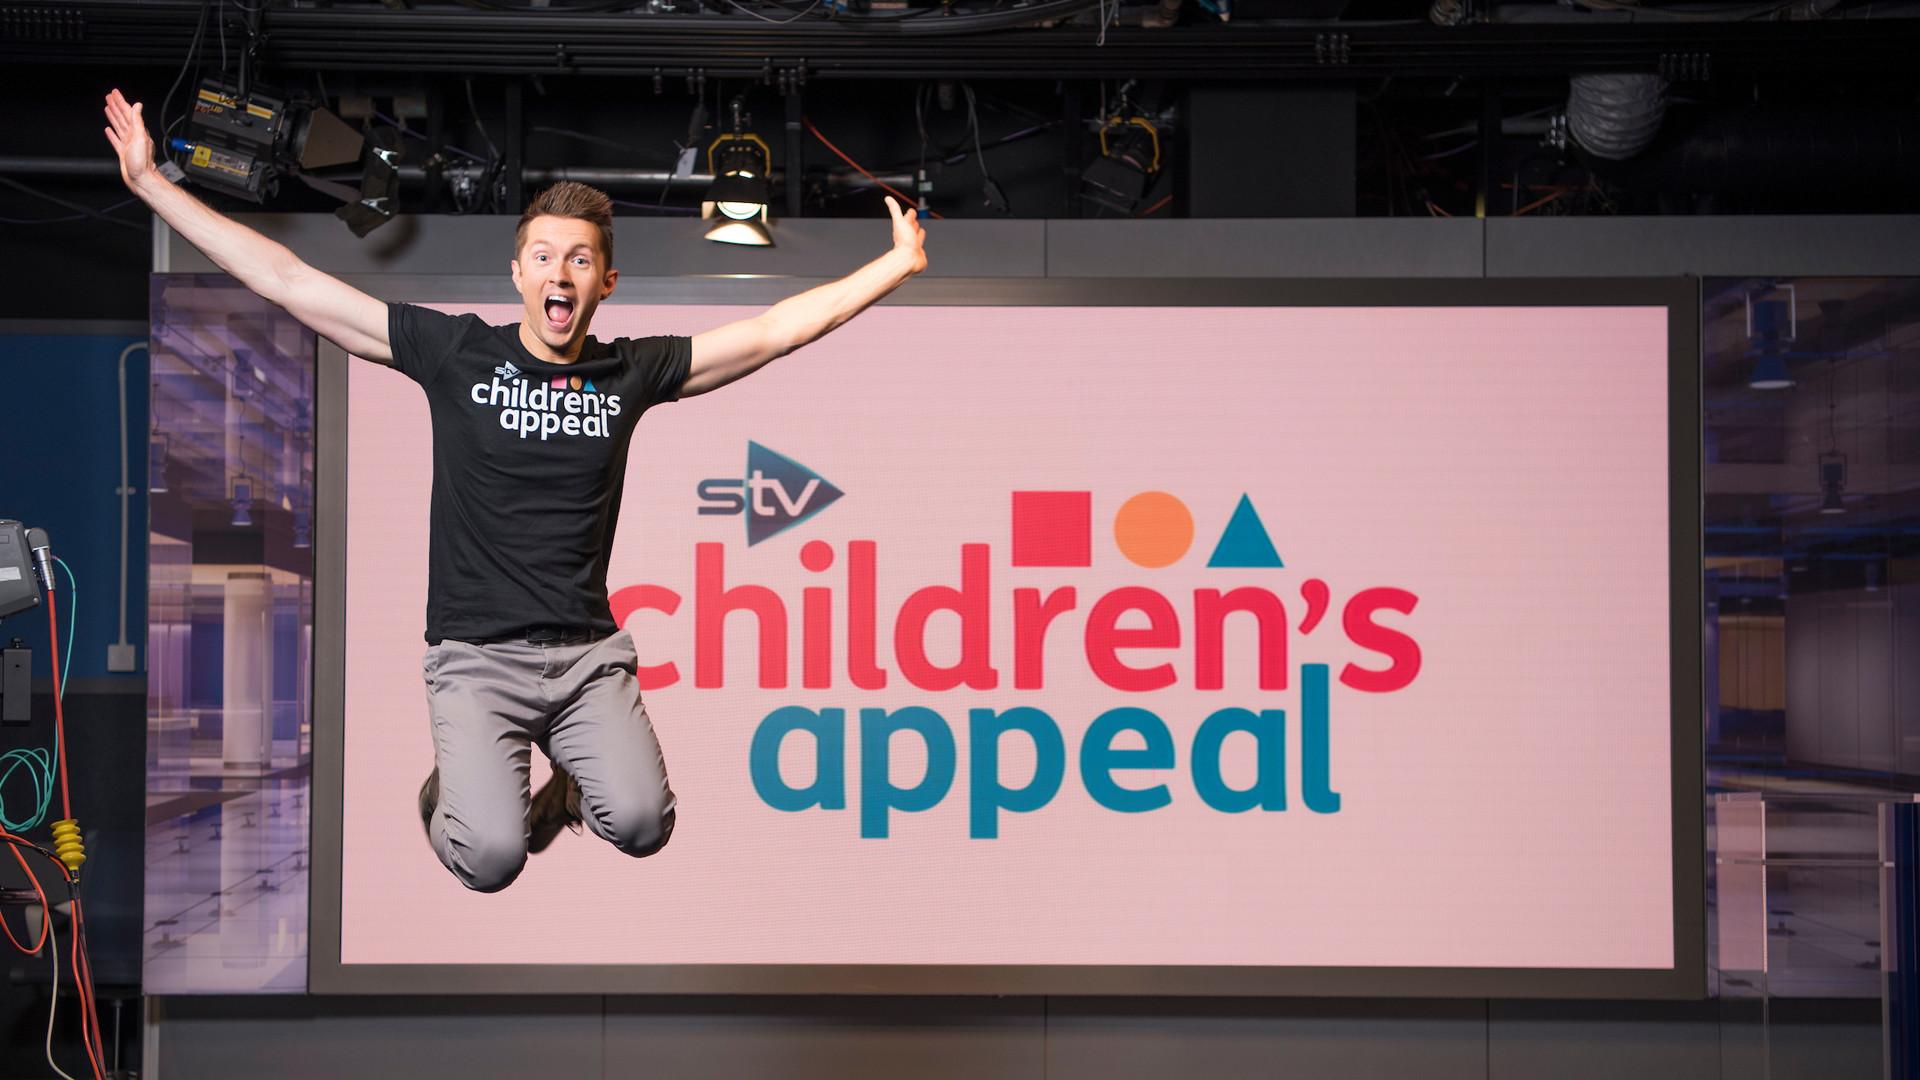 STV Children's Appeal 2018